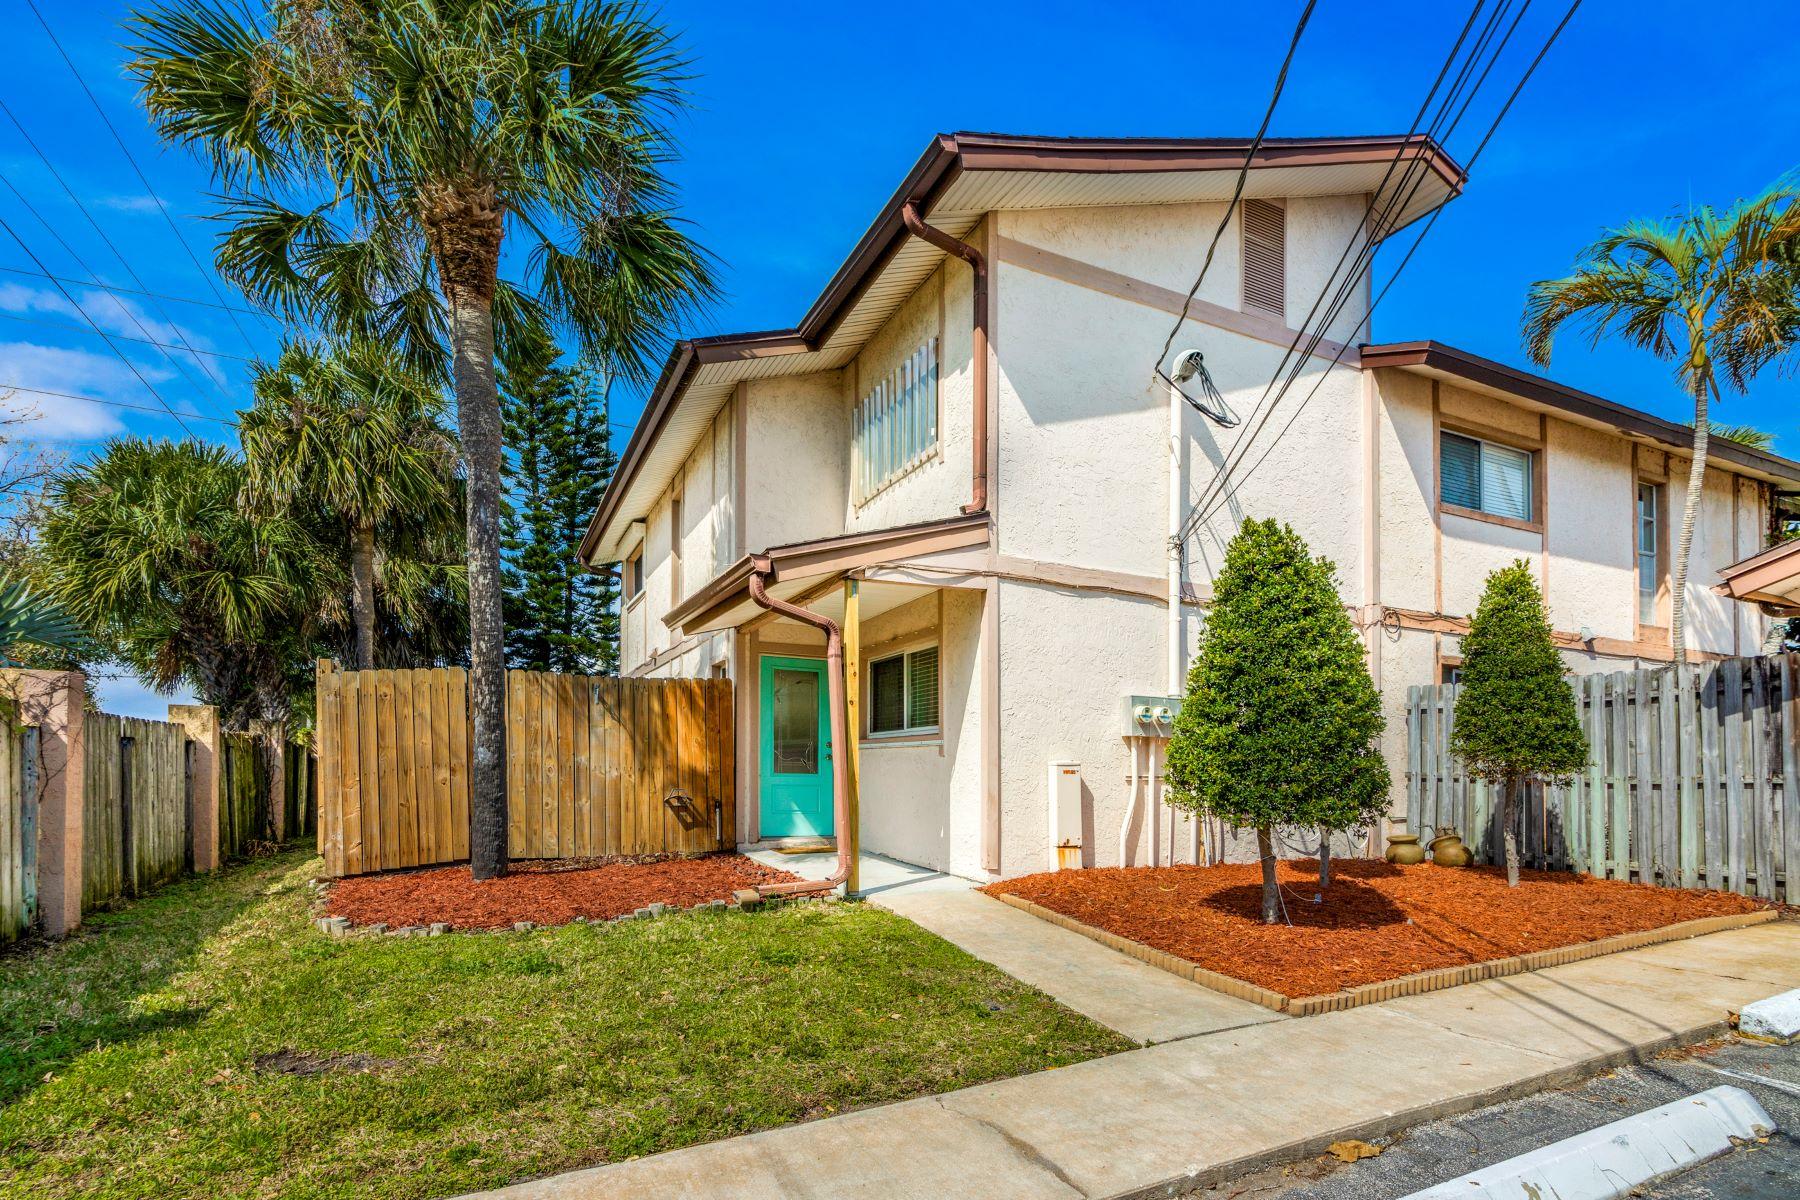 595 Park Avenue 595 Park Avenue 7 Satellite Beach, Florida 32937 Amerika Birleşik Devletleri